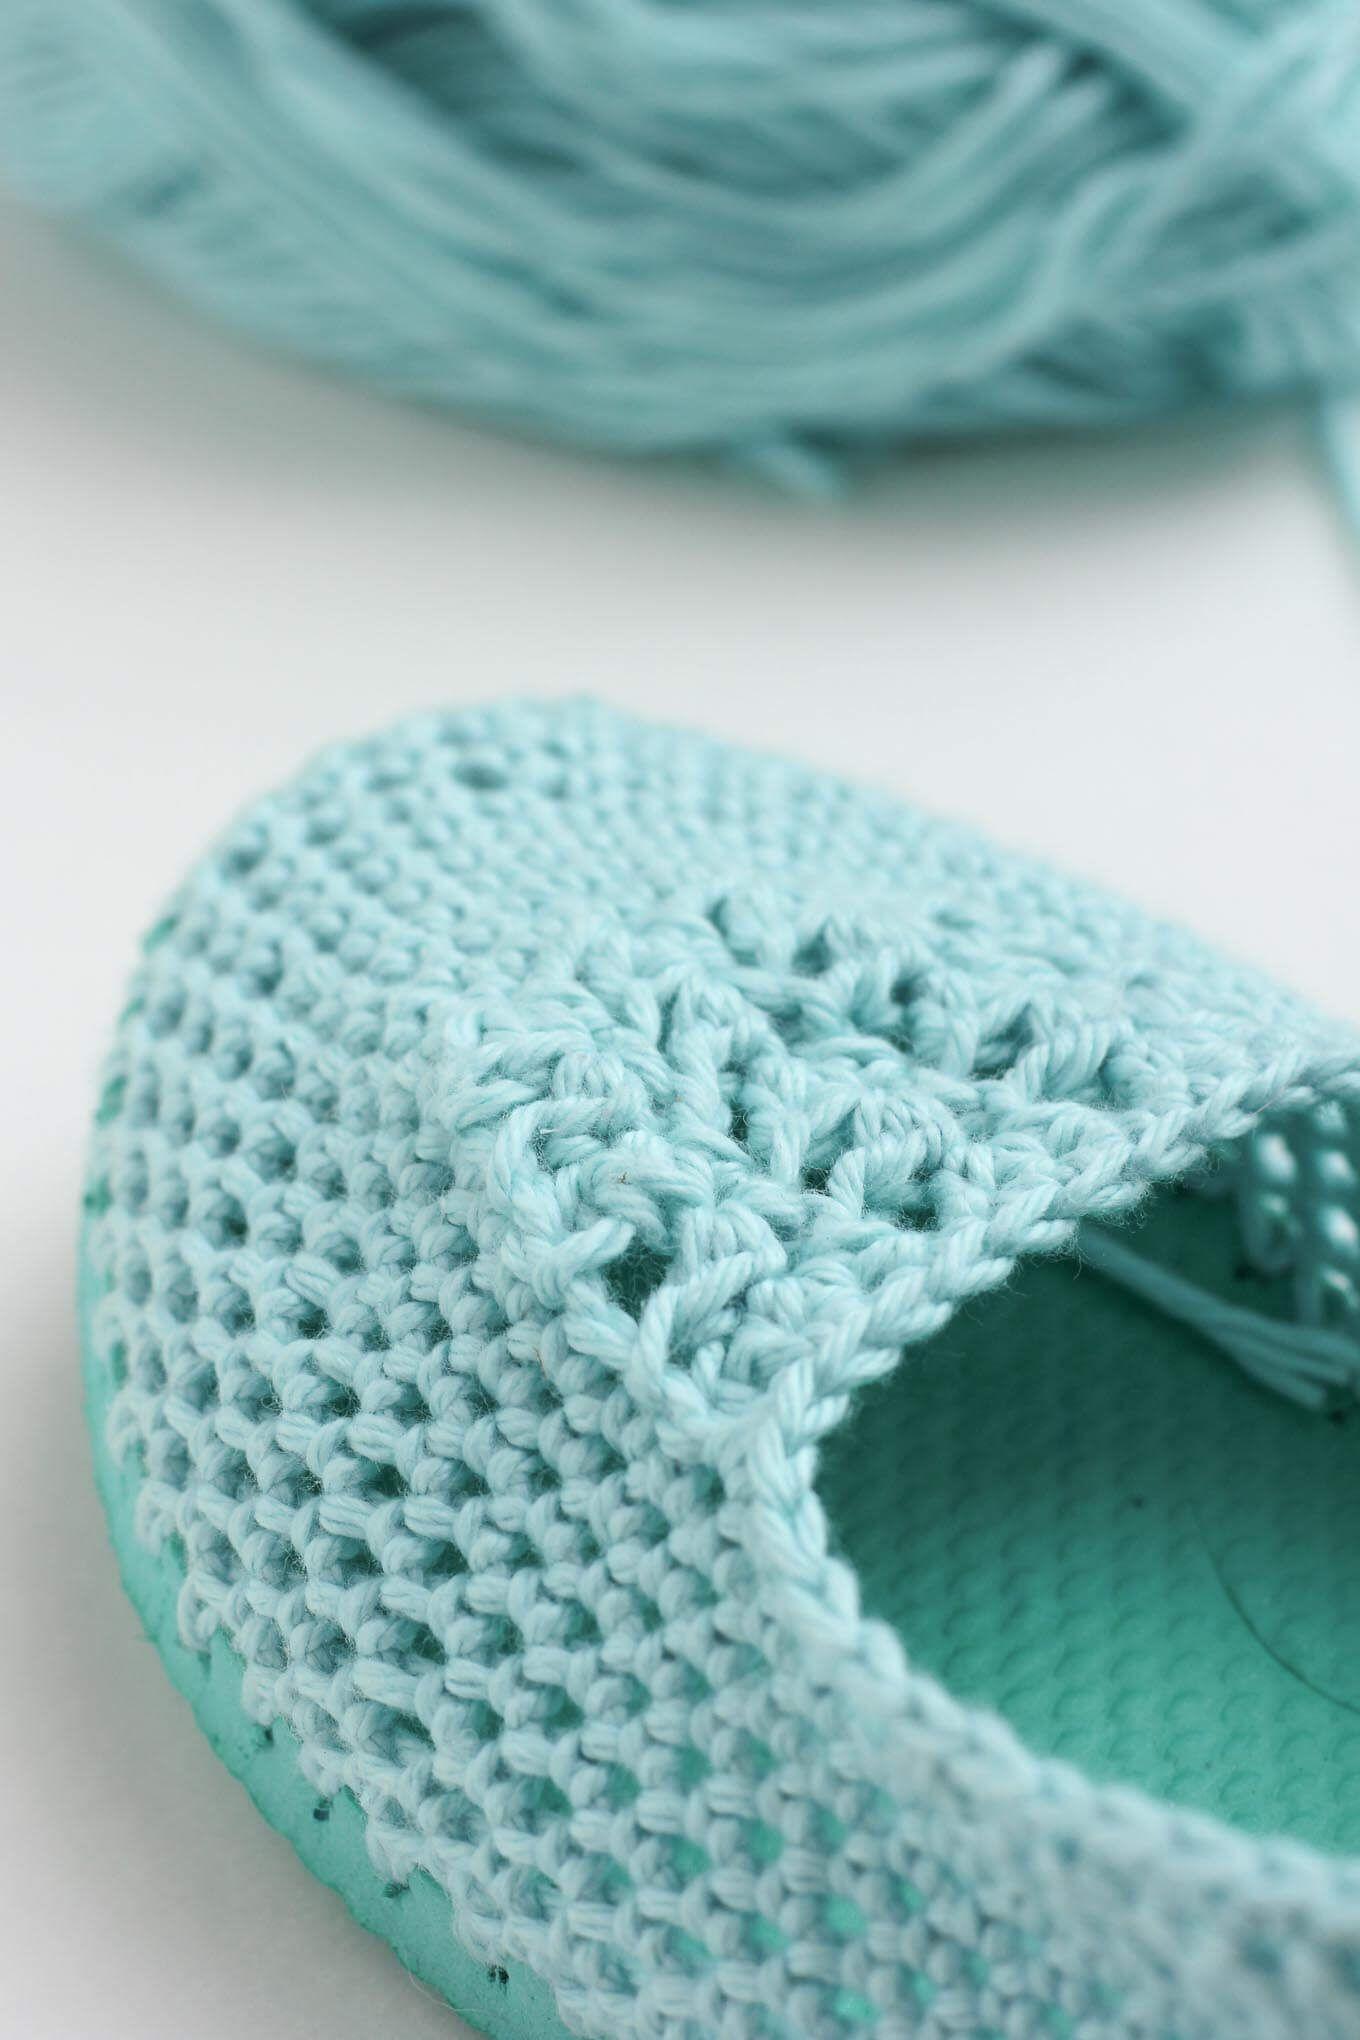 Crochet Slippers With Soles Free Crochet Patten Using Flip Flops